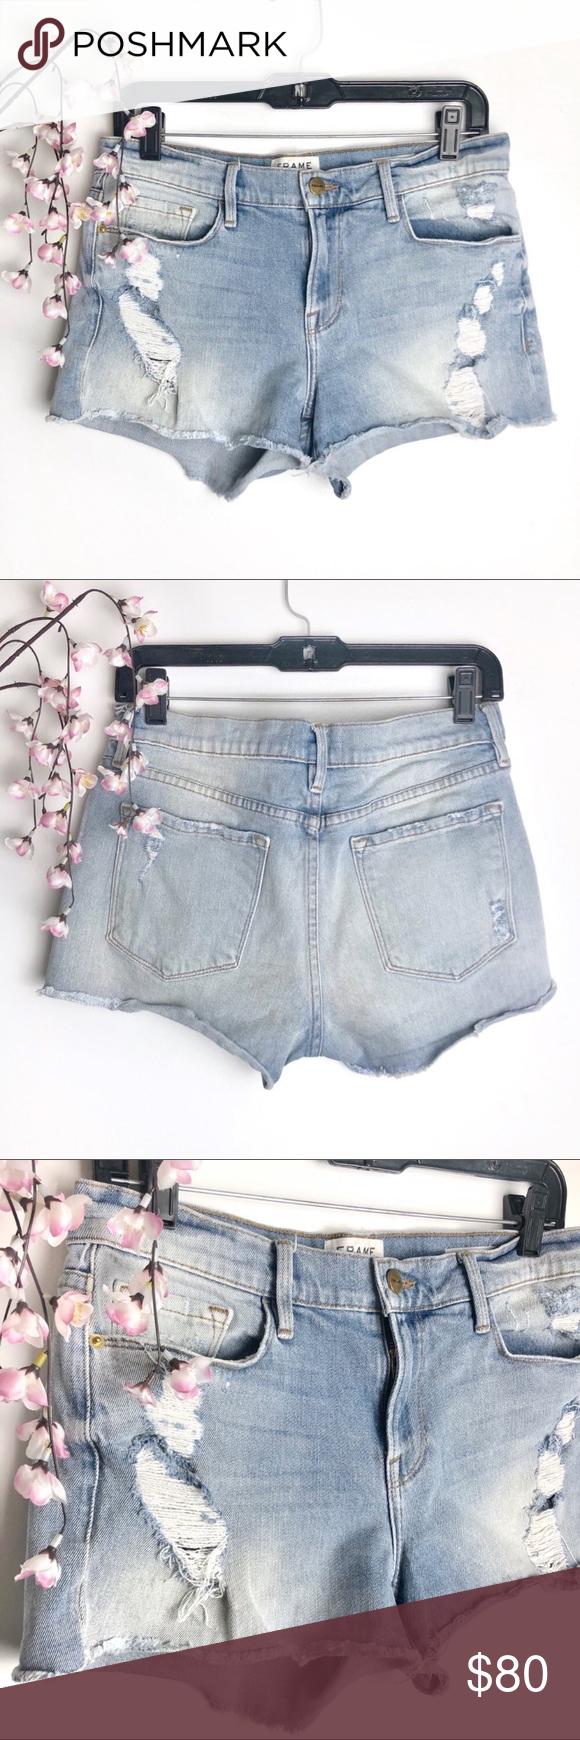 Frame Le Cutoff Distressed Lightwash Denim Shorts Frame Le Cutoff style, distres…